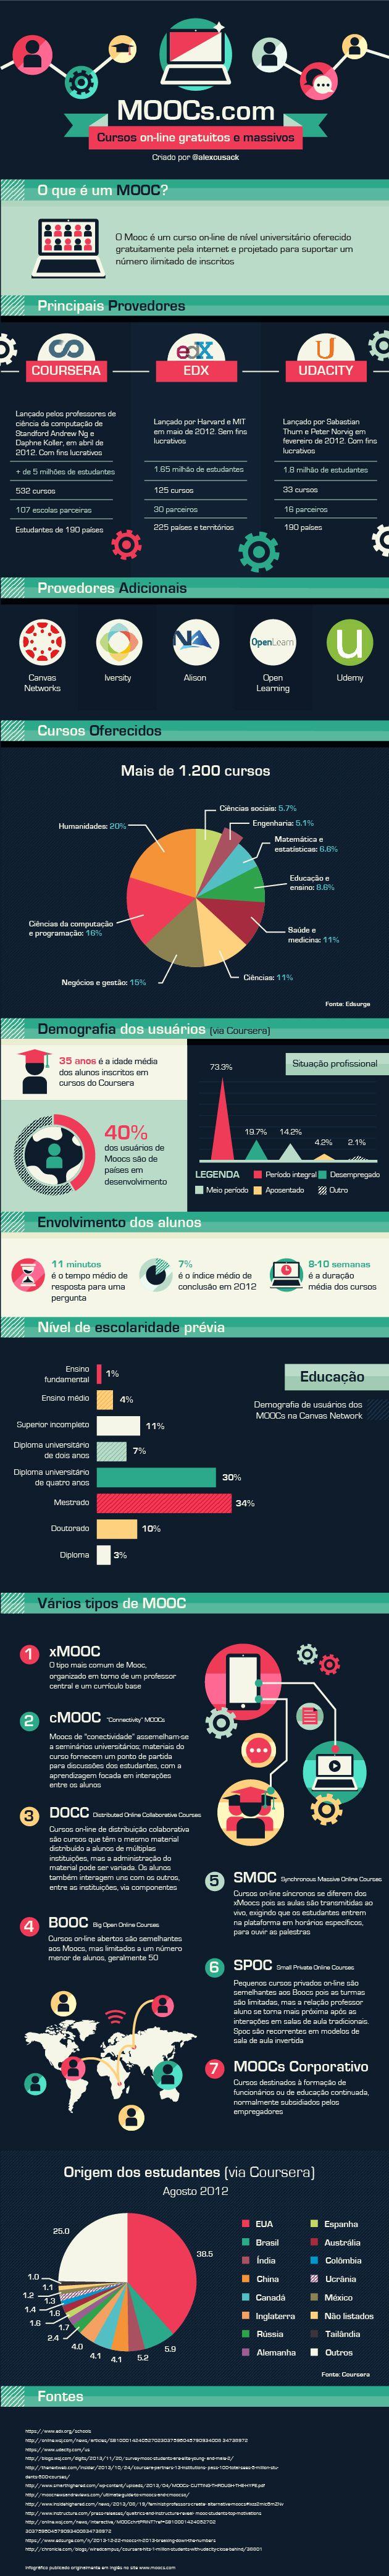 Infográfico que  organiza dados e faz panorama sobre a realidade dos Moocs